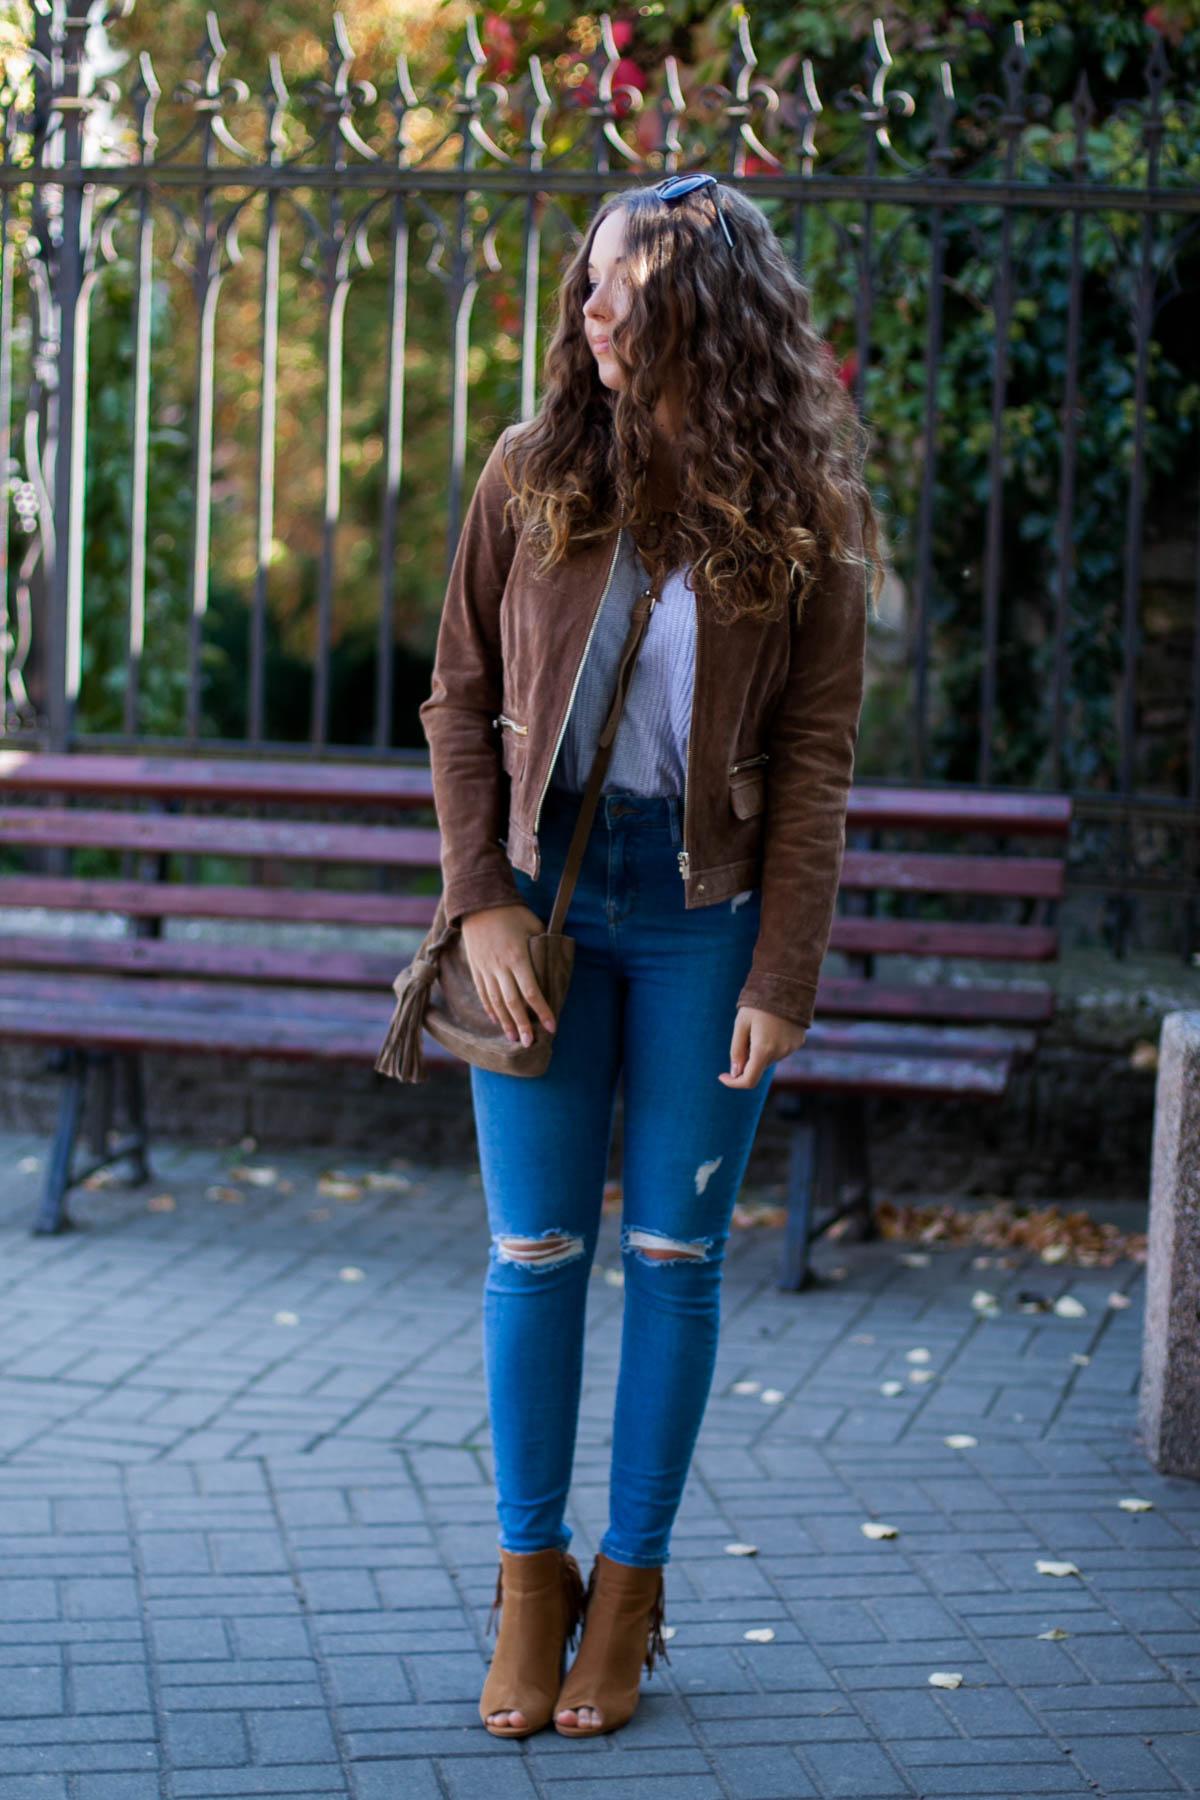 jesienna stylizacja ze skórzaną kurtką i jeansami